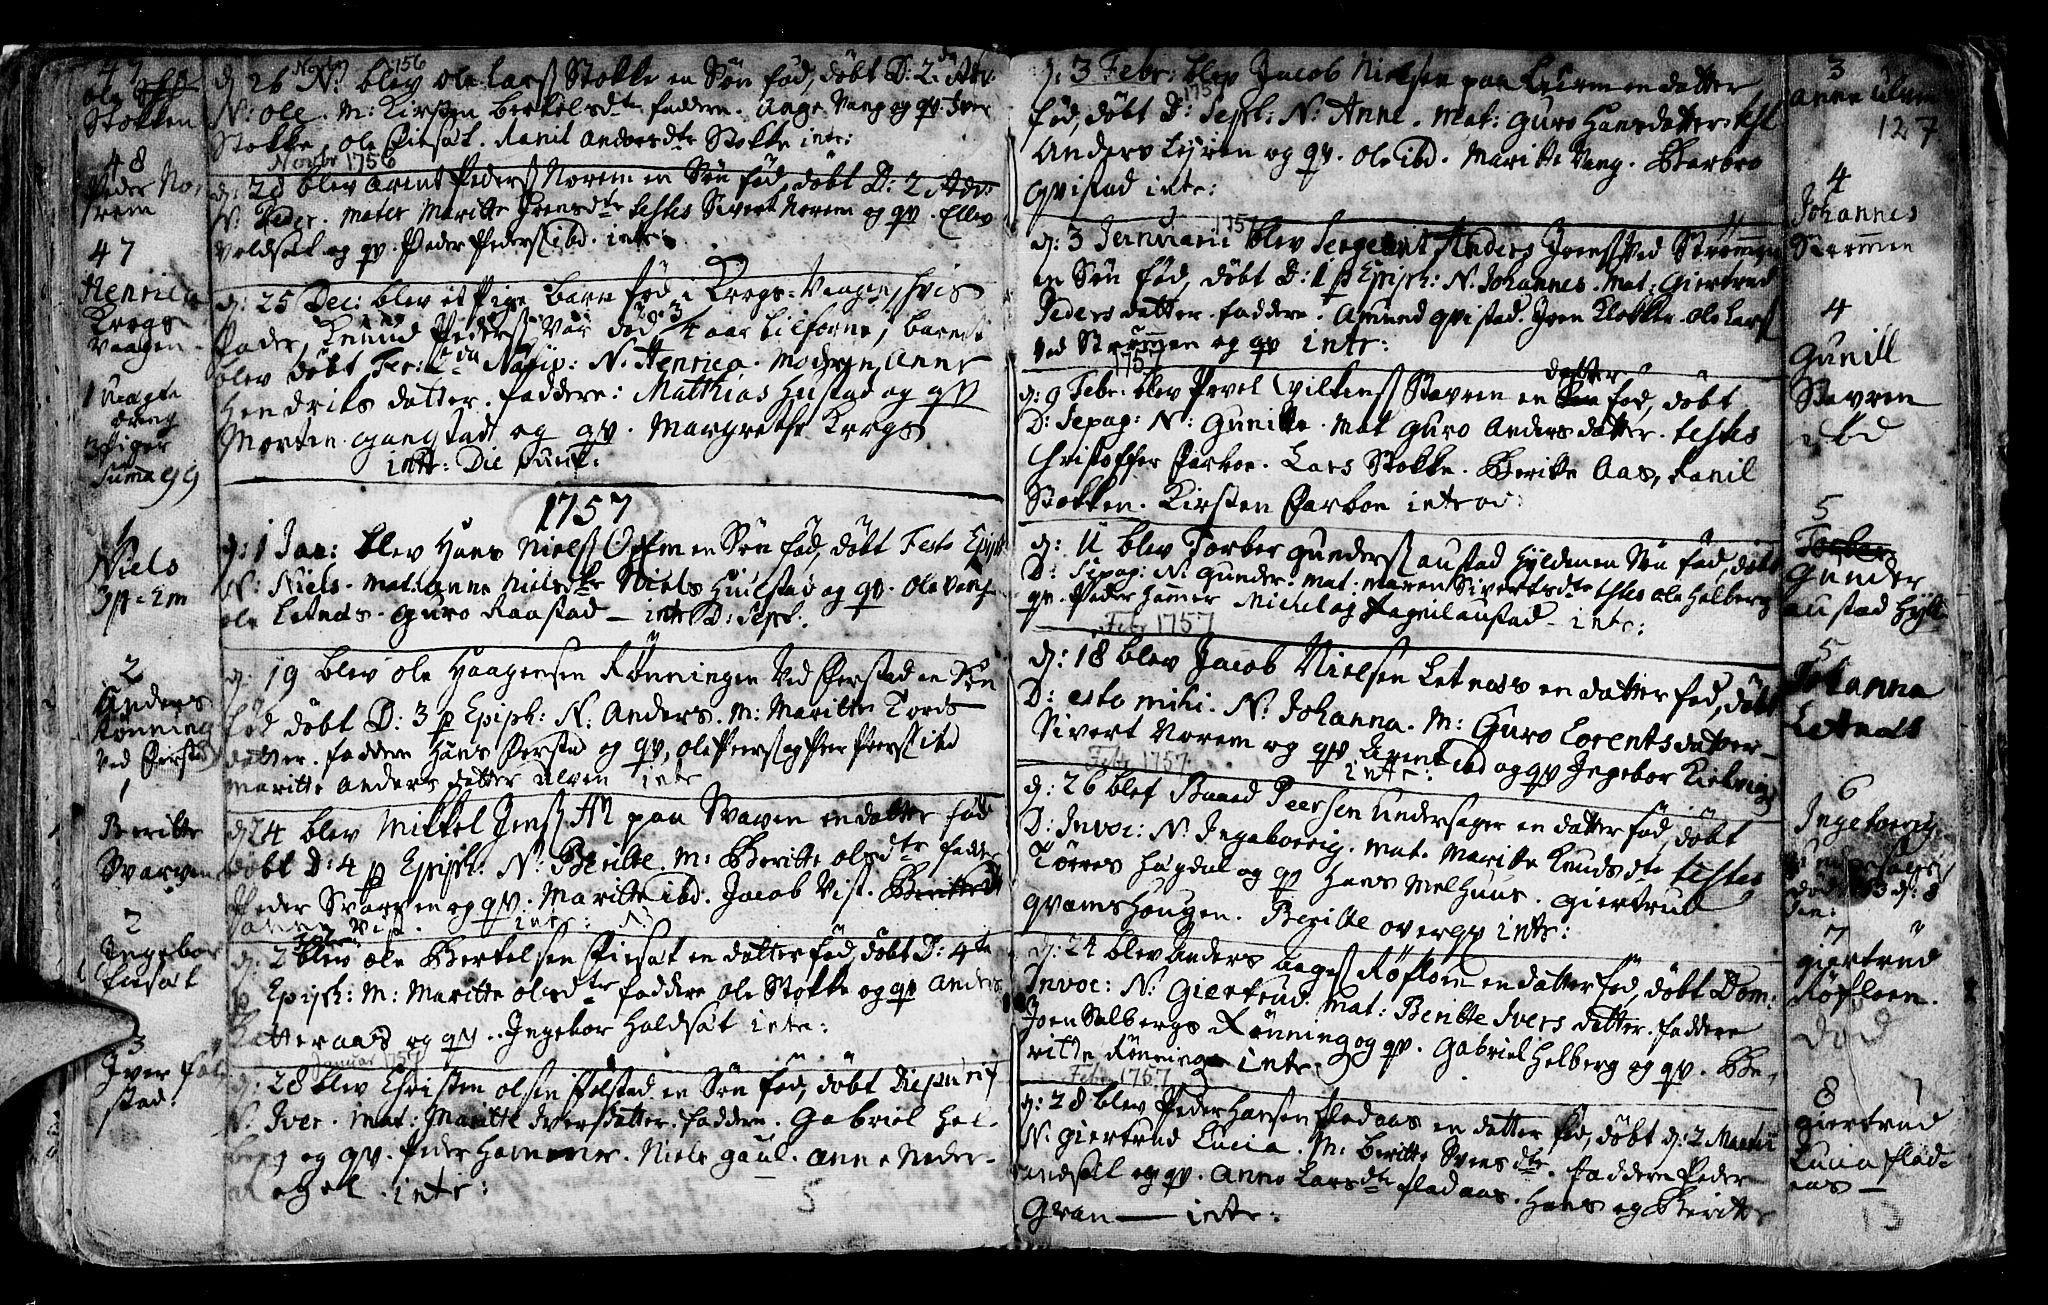 SAT, Ministerialprotokoller, klokkerbøker og fødselsregistre - Nord-Trøndelag, 730/L0272: Ministerialbok nr. 730A01, 1733-1764, s. 127